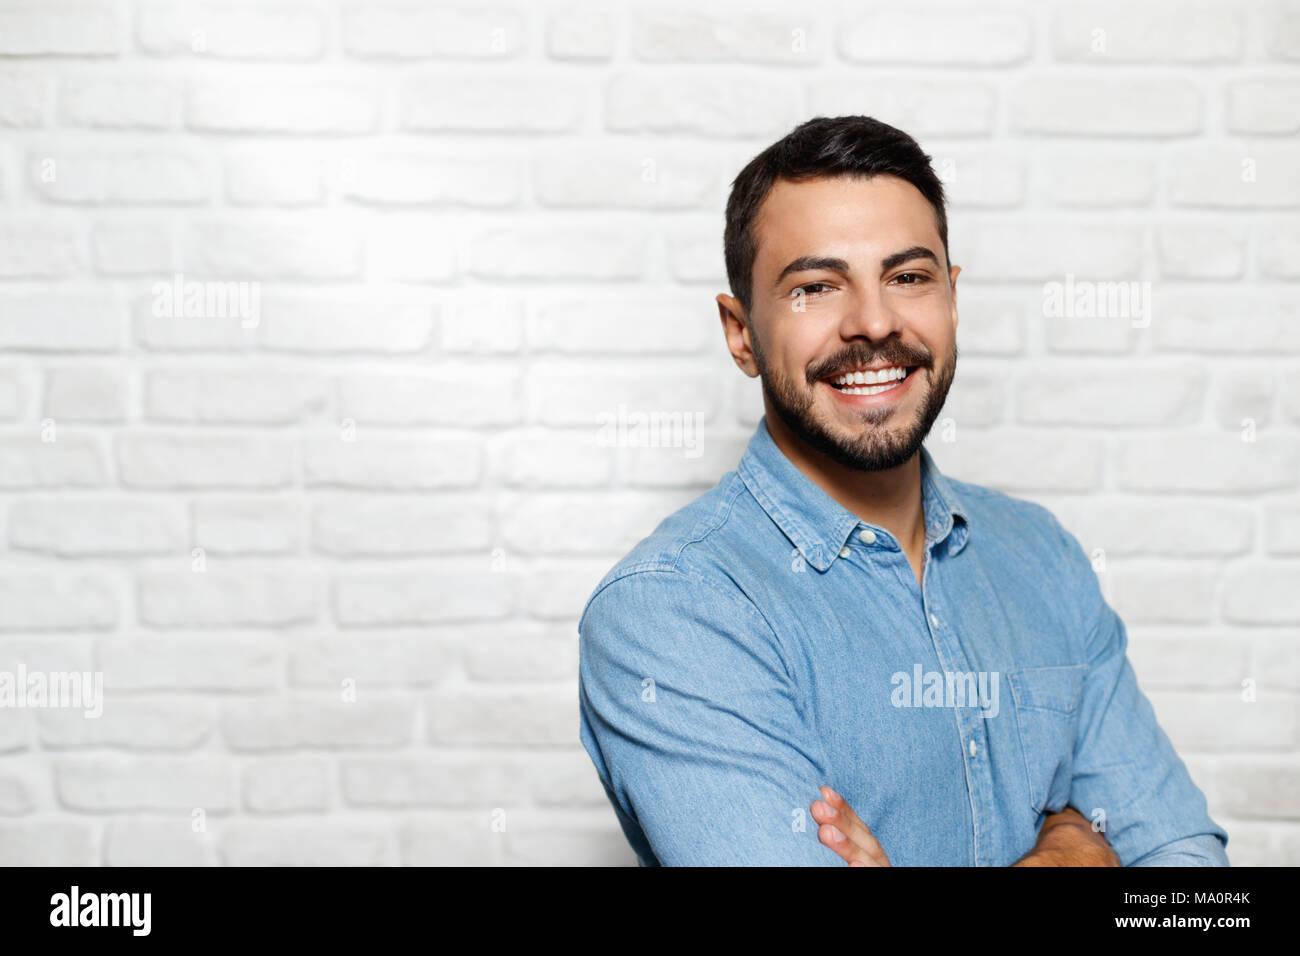 Retrato de feliz hombre sonriendo italiana contra la pared blanca como fondo y mirando a la cámara. Imagen De Stock